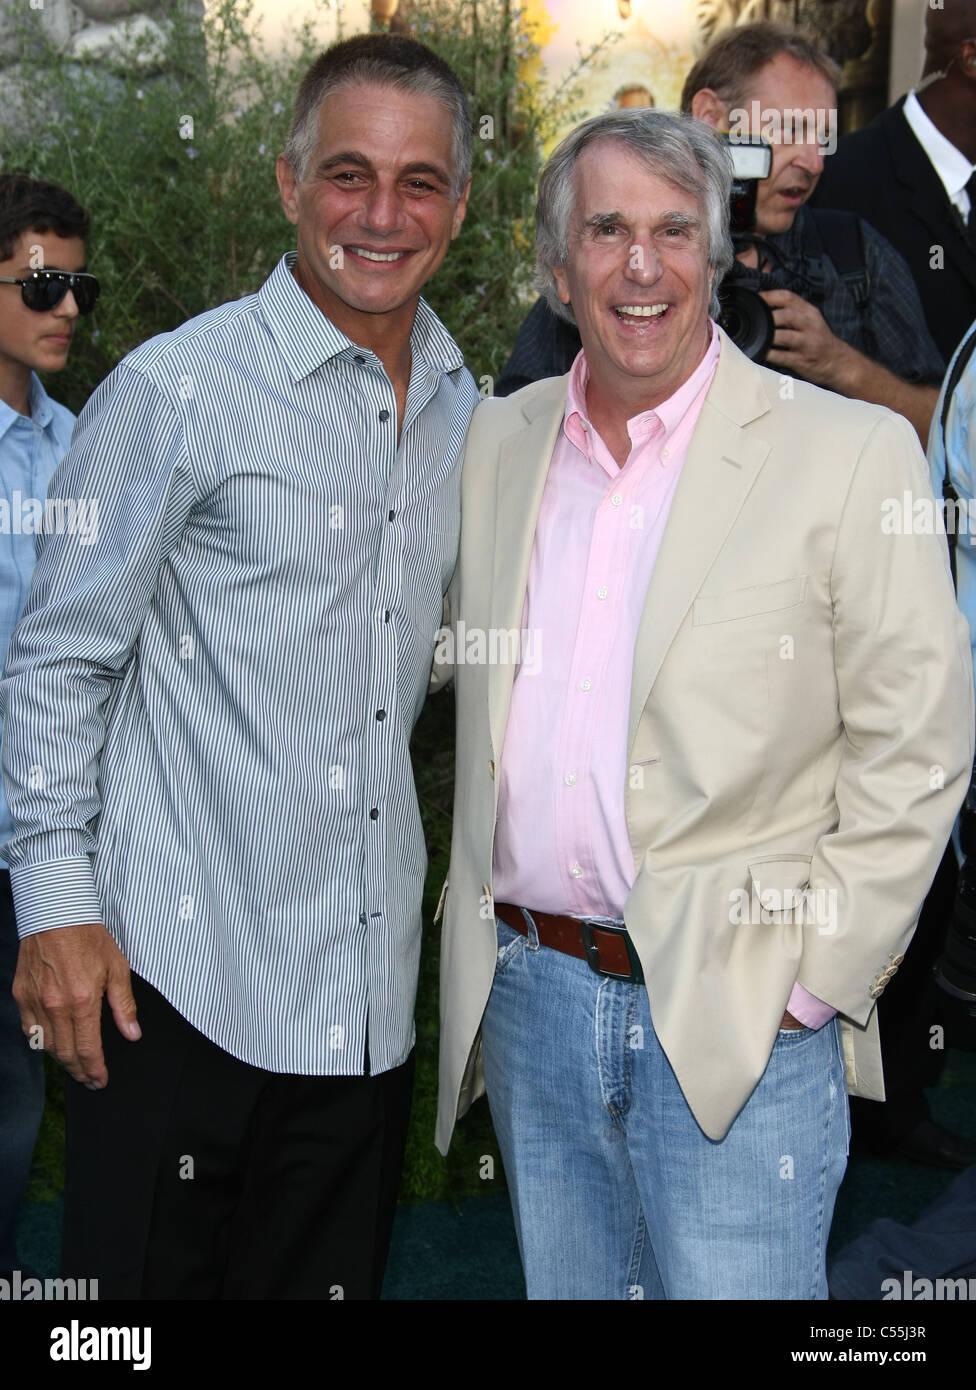 TONY DANZA Henry Winkler ZOOKEEPER. PREMIERE LOS ANGELES CALIFORNIA ESTADOS UNIDOS 06 de julio de 2011 Imagen De Stock